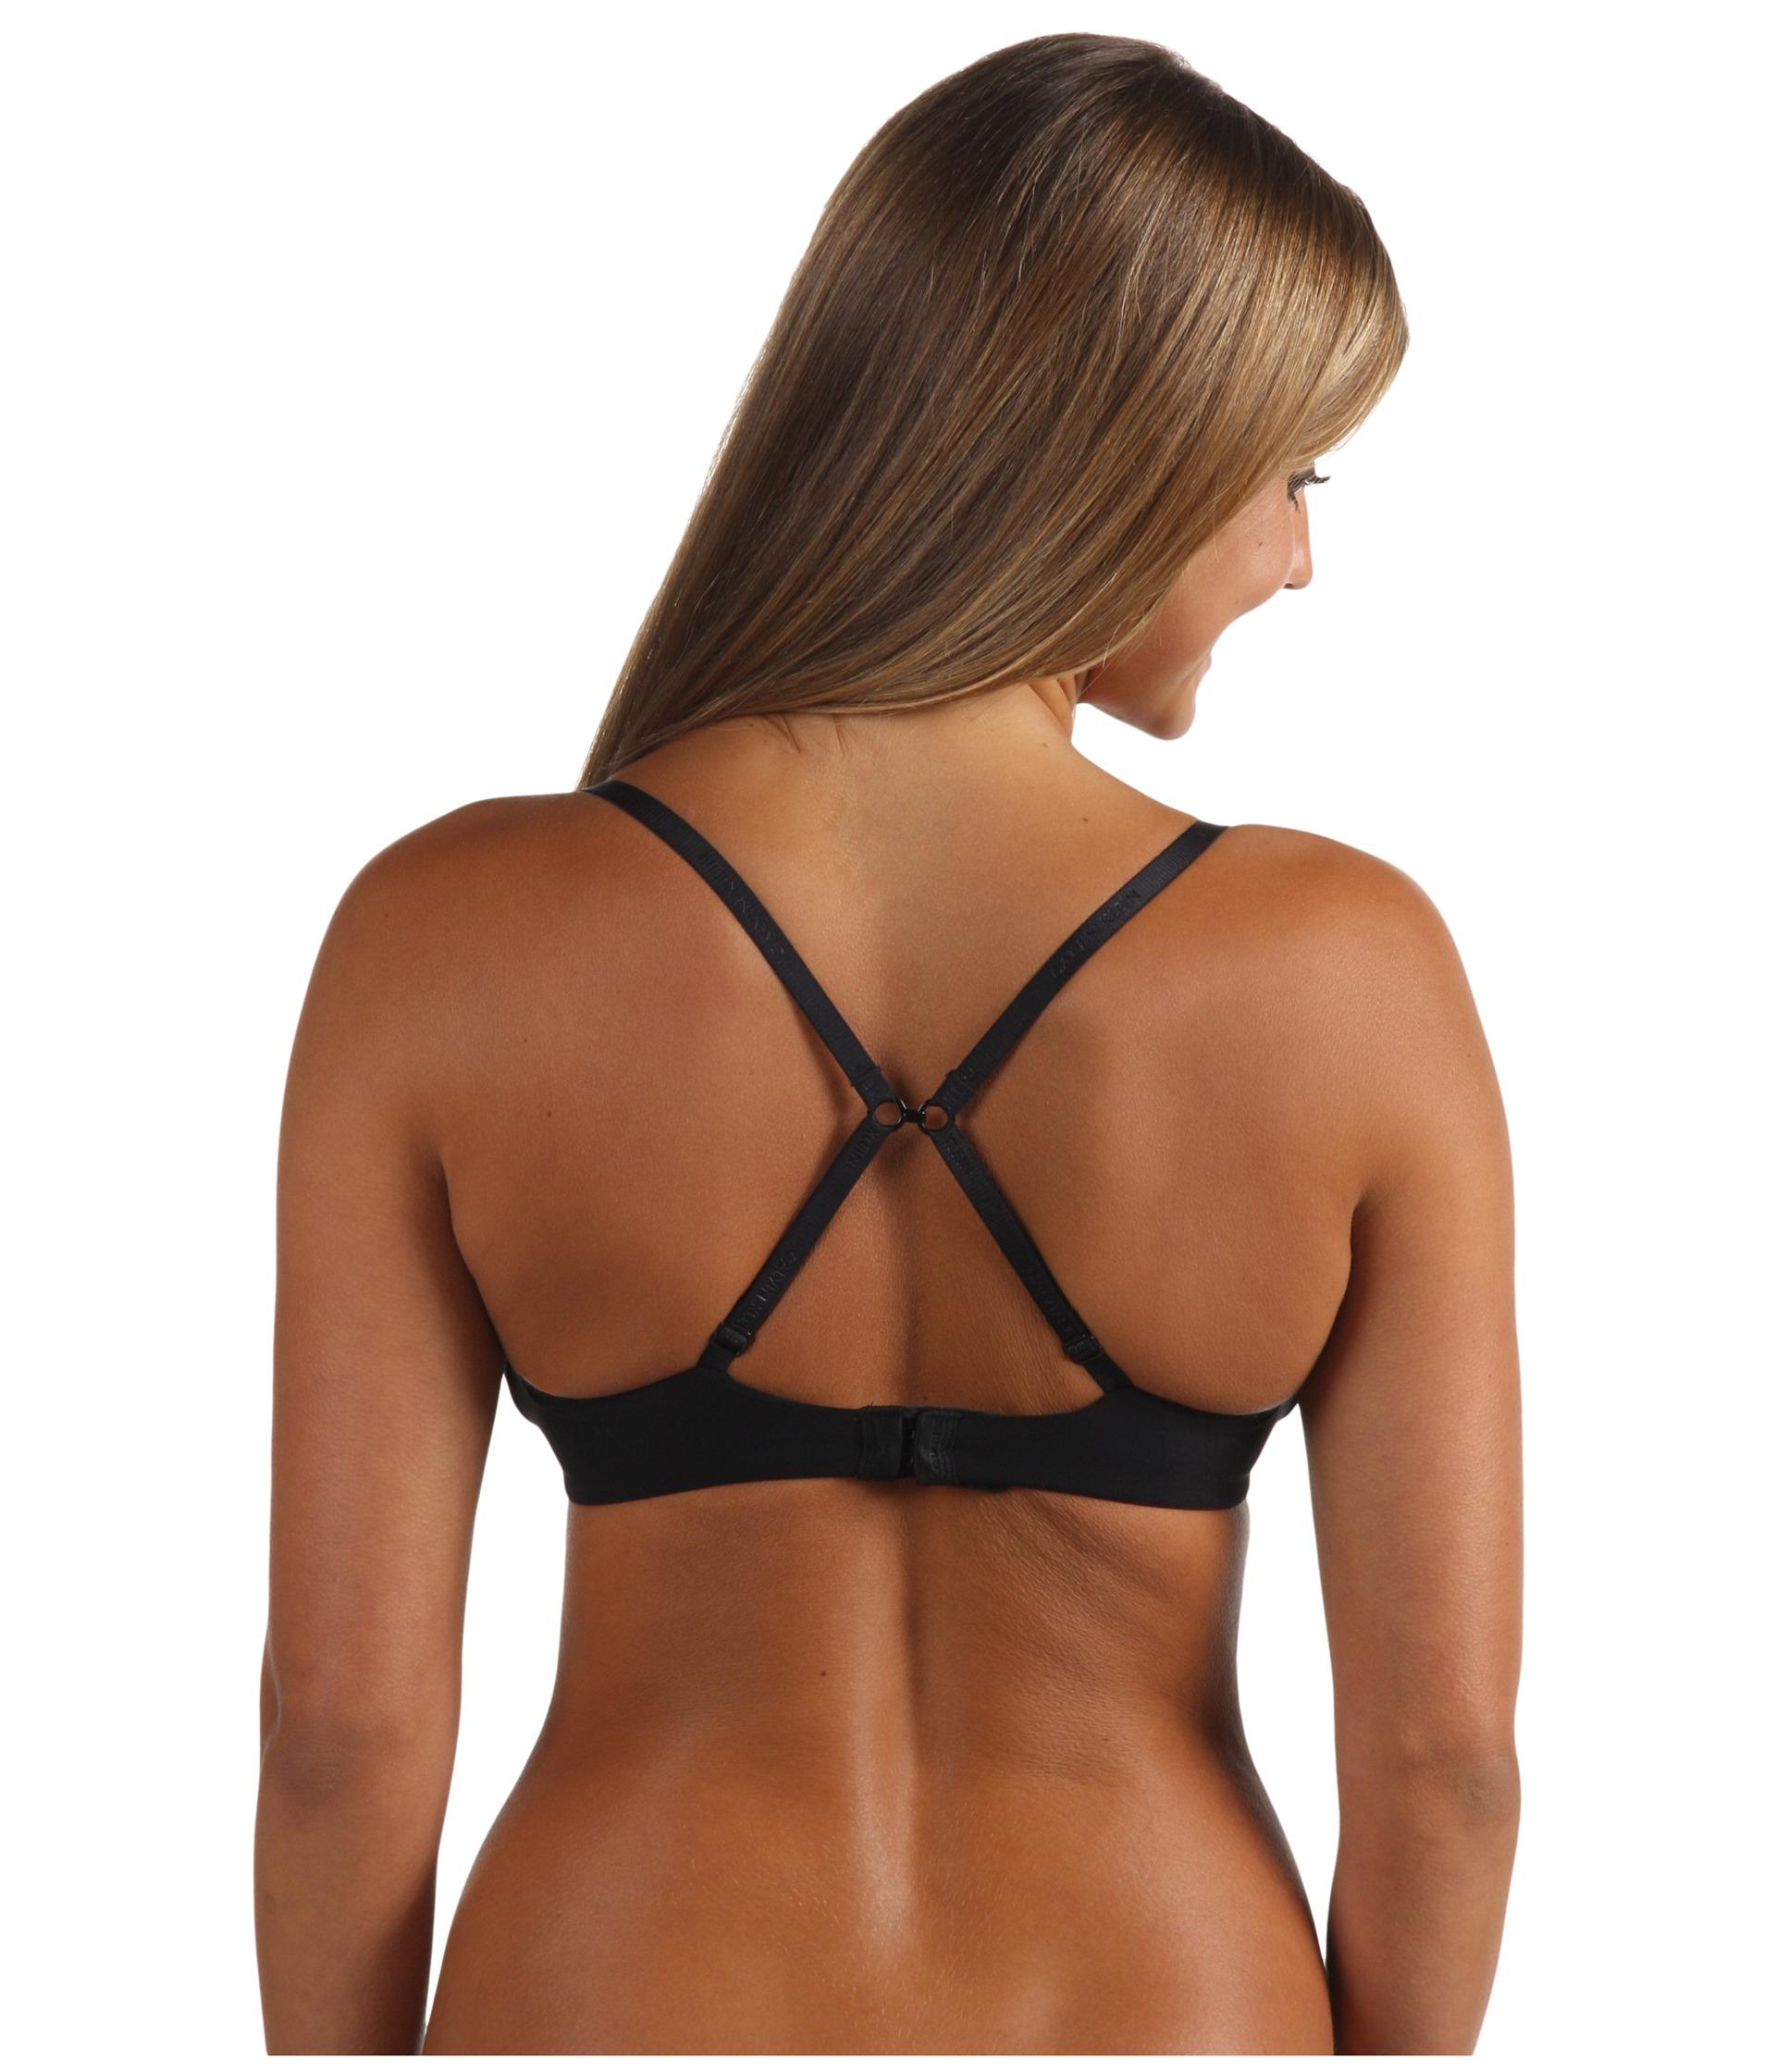 Calvin Klein Underwear Perfectly Fit Wireless Contour Bra F2781